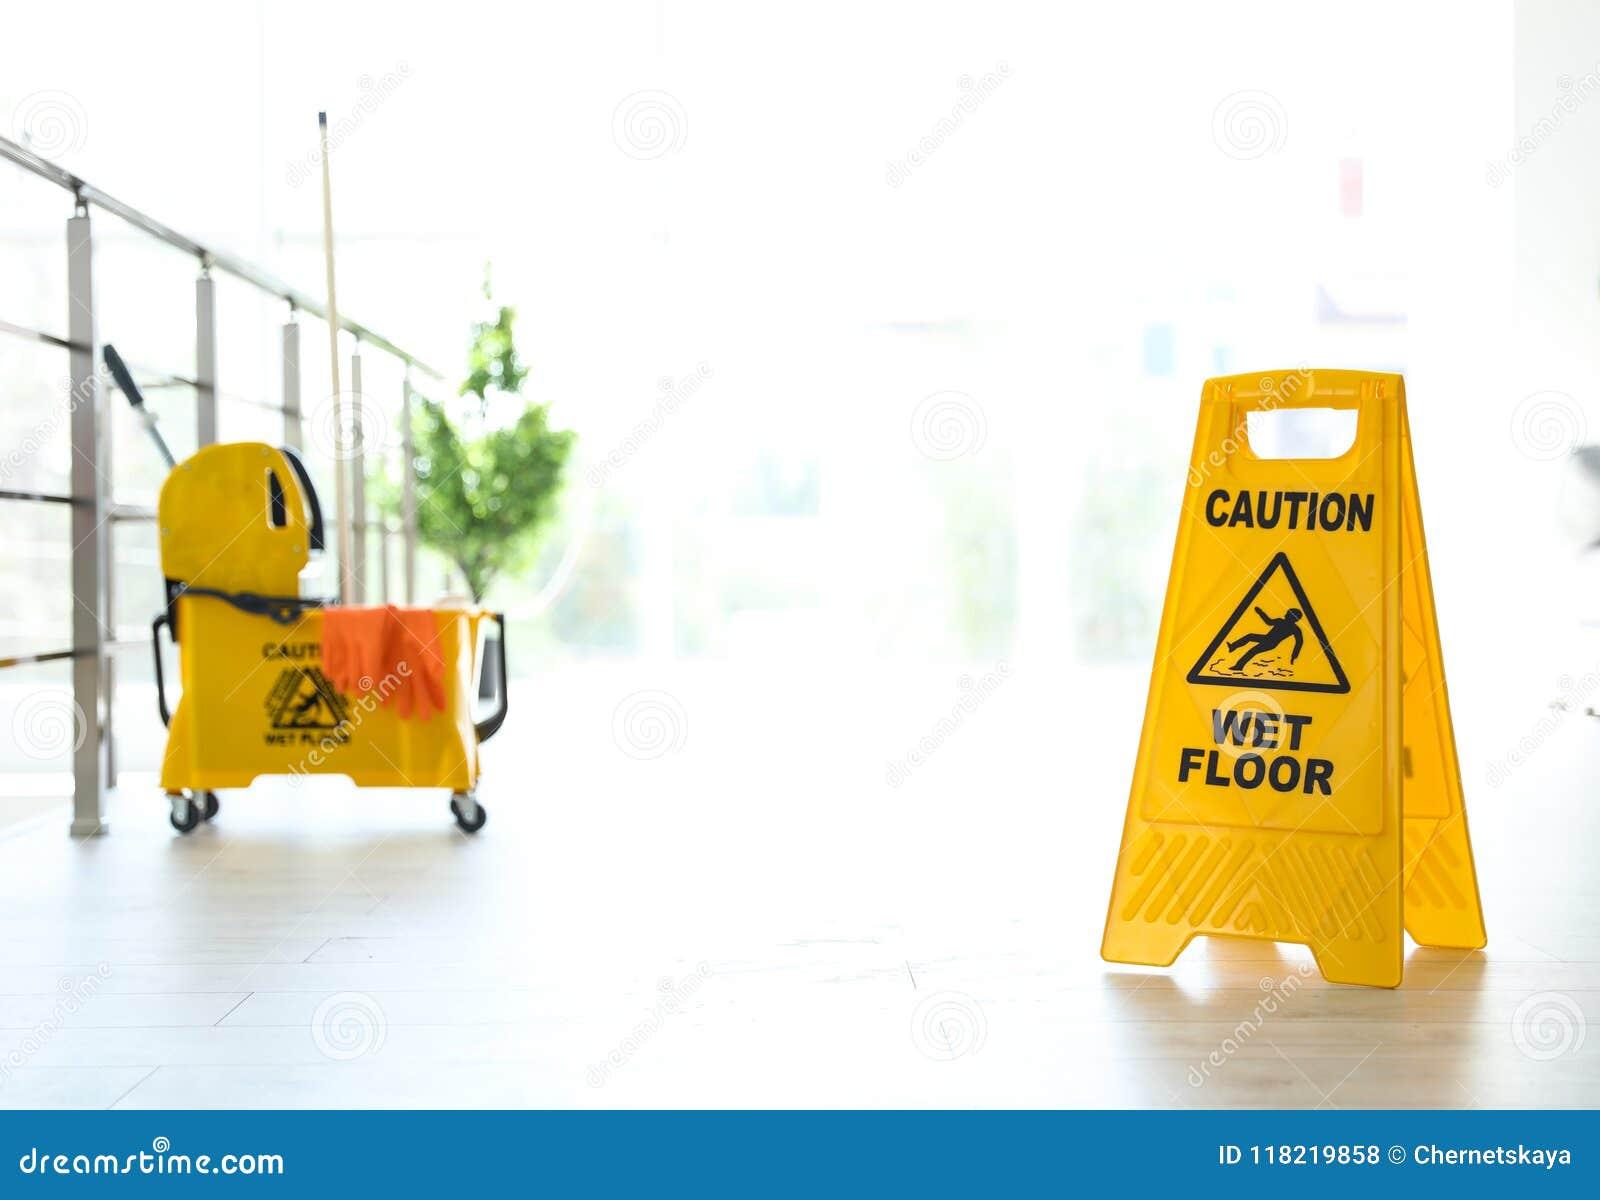 Fraseie o ASSOALHO MOLHADO do CUIDADO no sinal de segurança e amarele a cubeta do espanador com fontes de limpeza, dentro